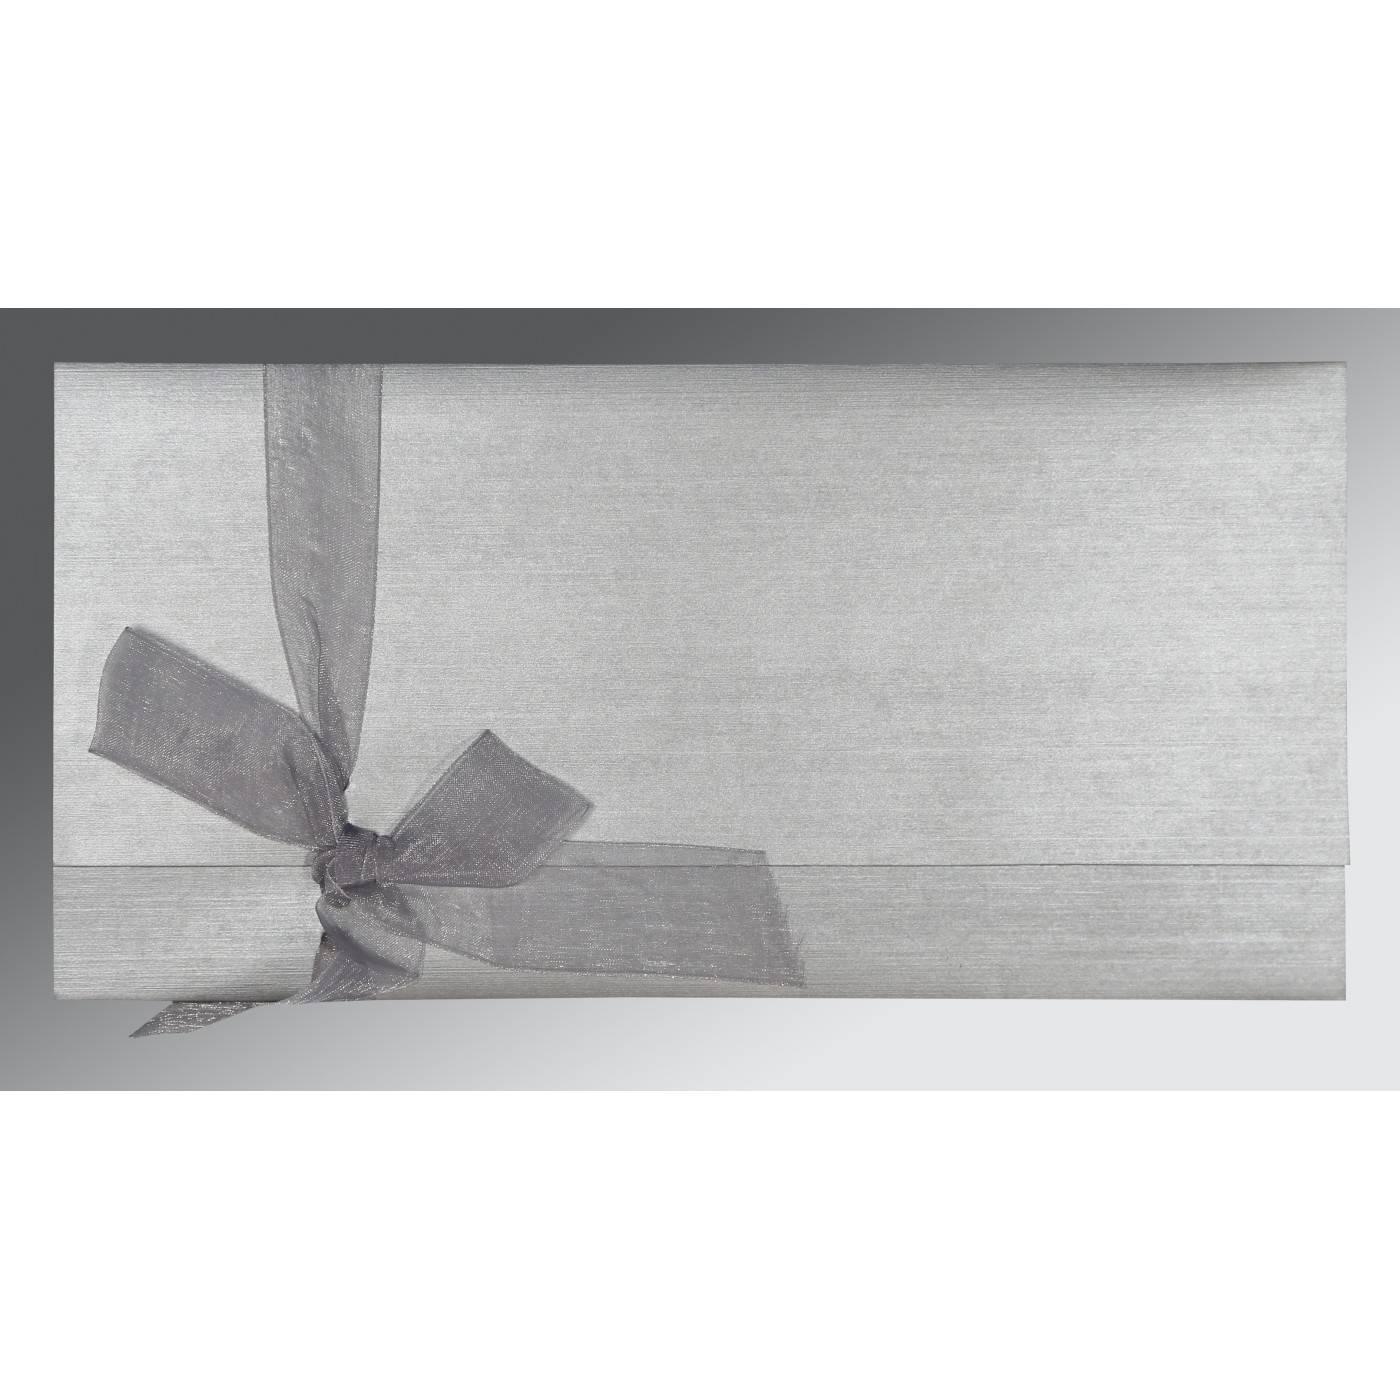 LIGHT GREY SHIMMERY SCREEN PRINTED WEDDING CARD : CRU-1498 - IndianWeddingCards